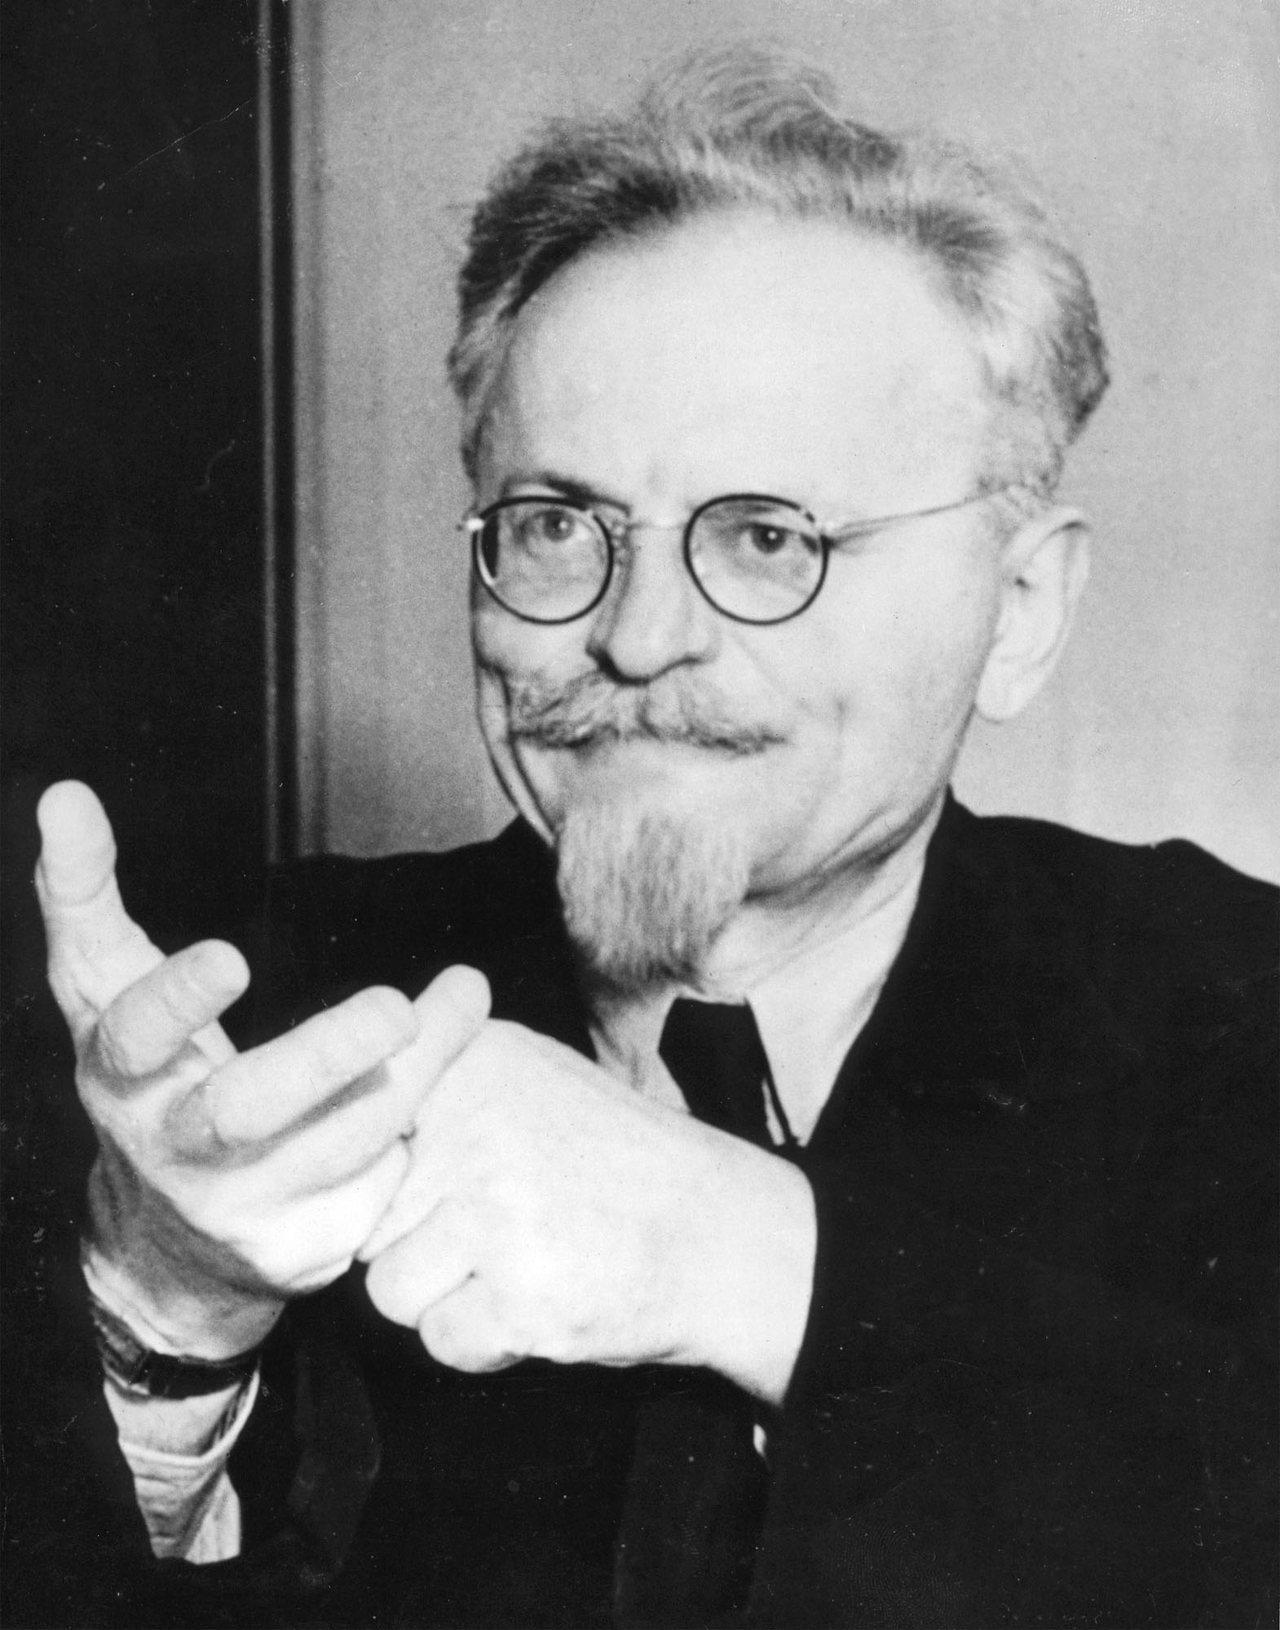 蘇聯革命家托洛斯基1940年的資料照。 (美聯社)